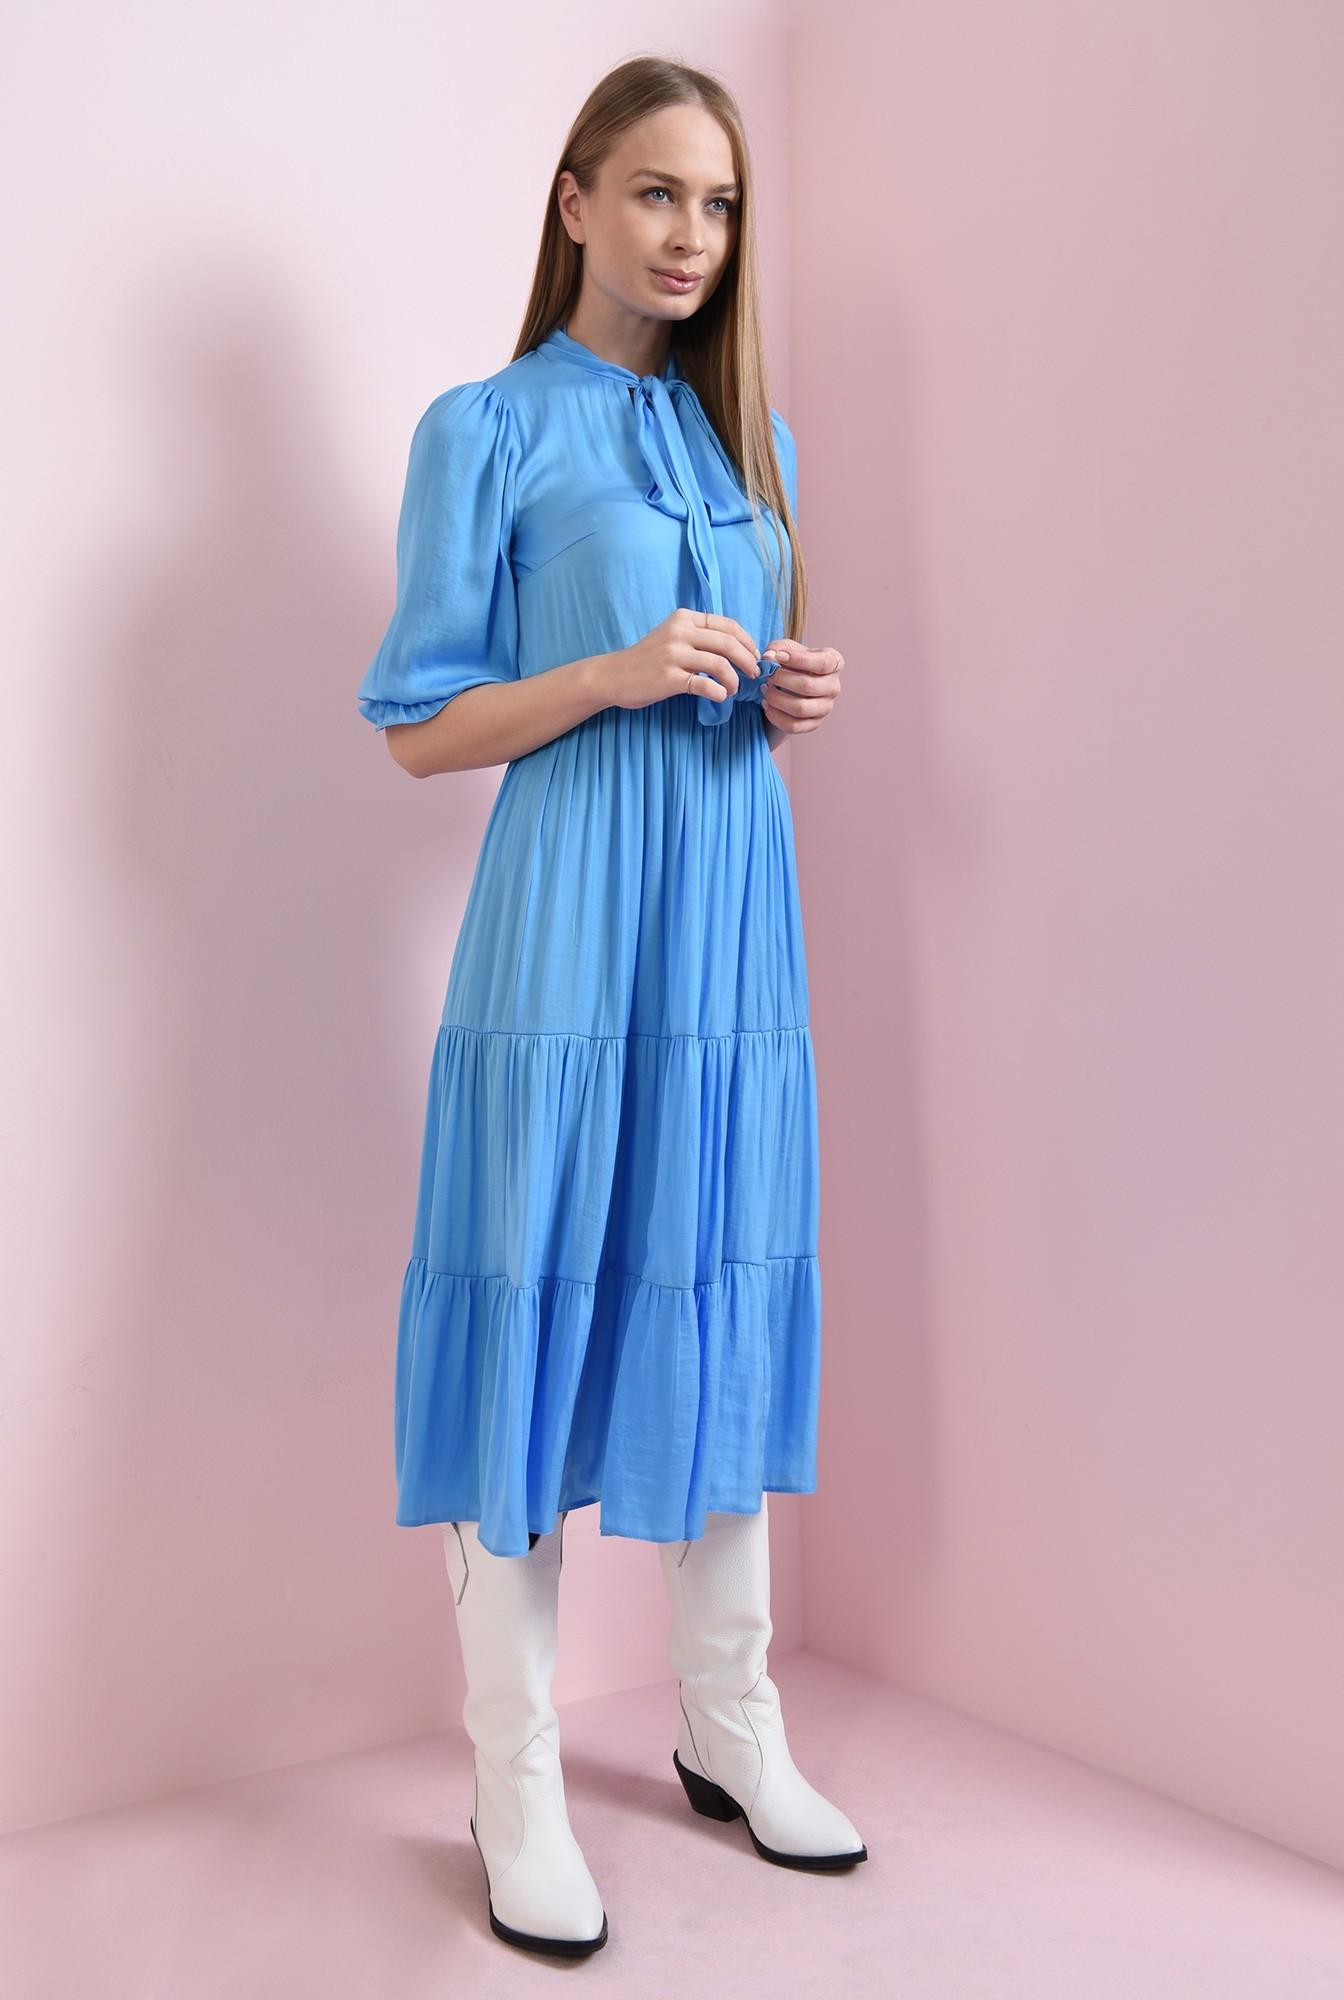 0 - rochie evazata, bleu, Poema